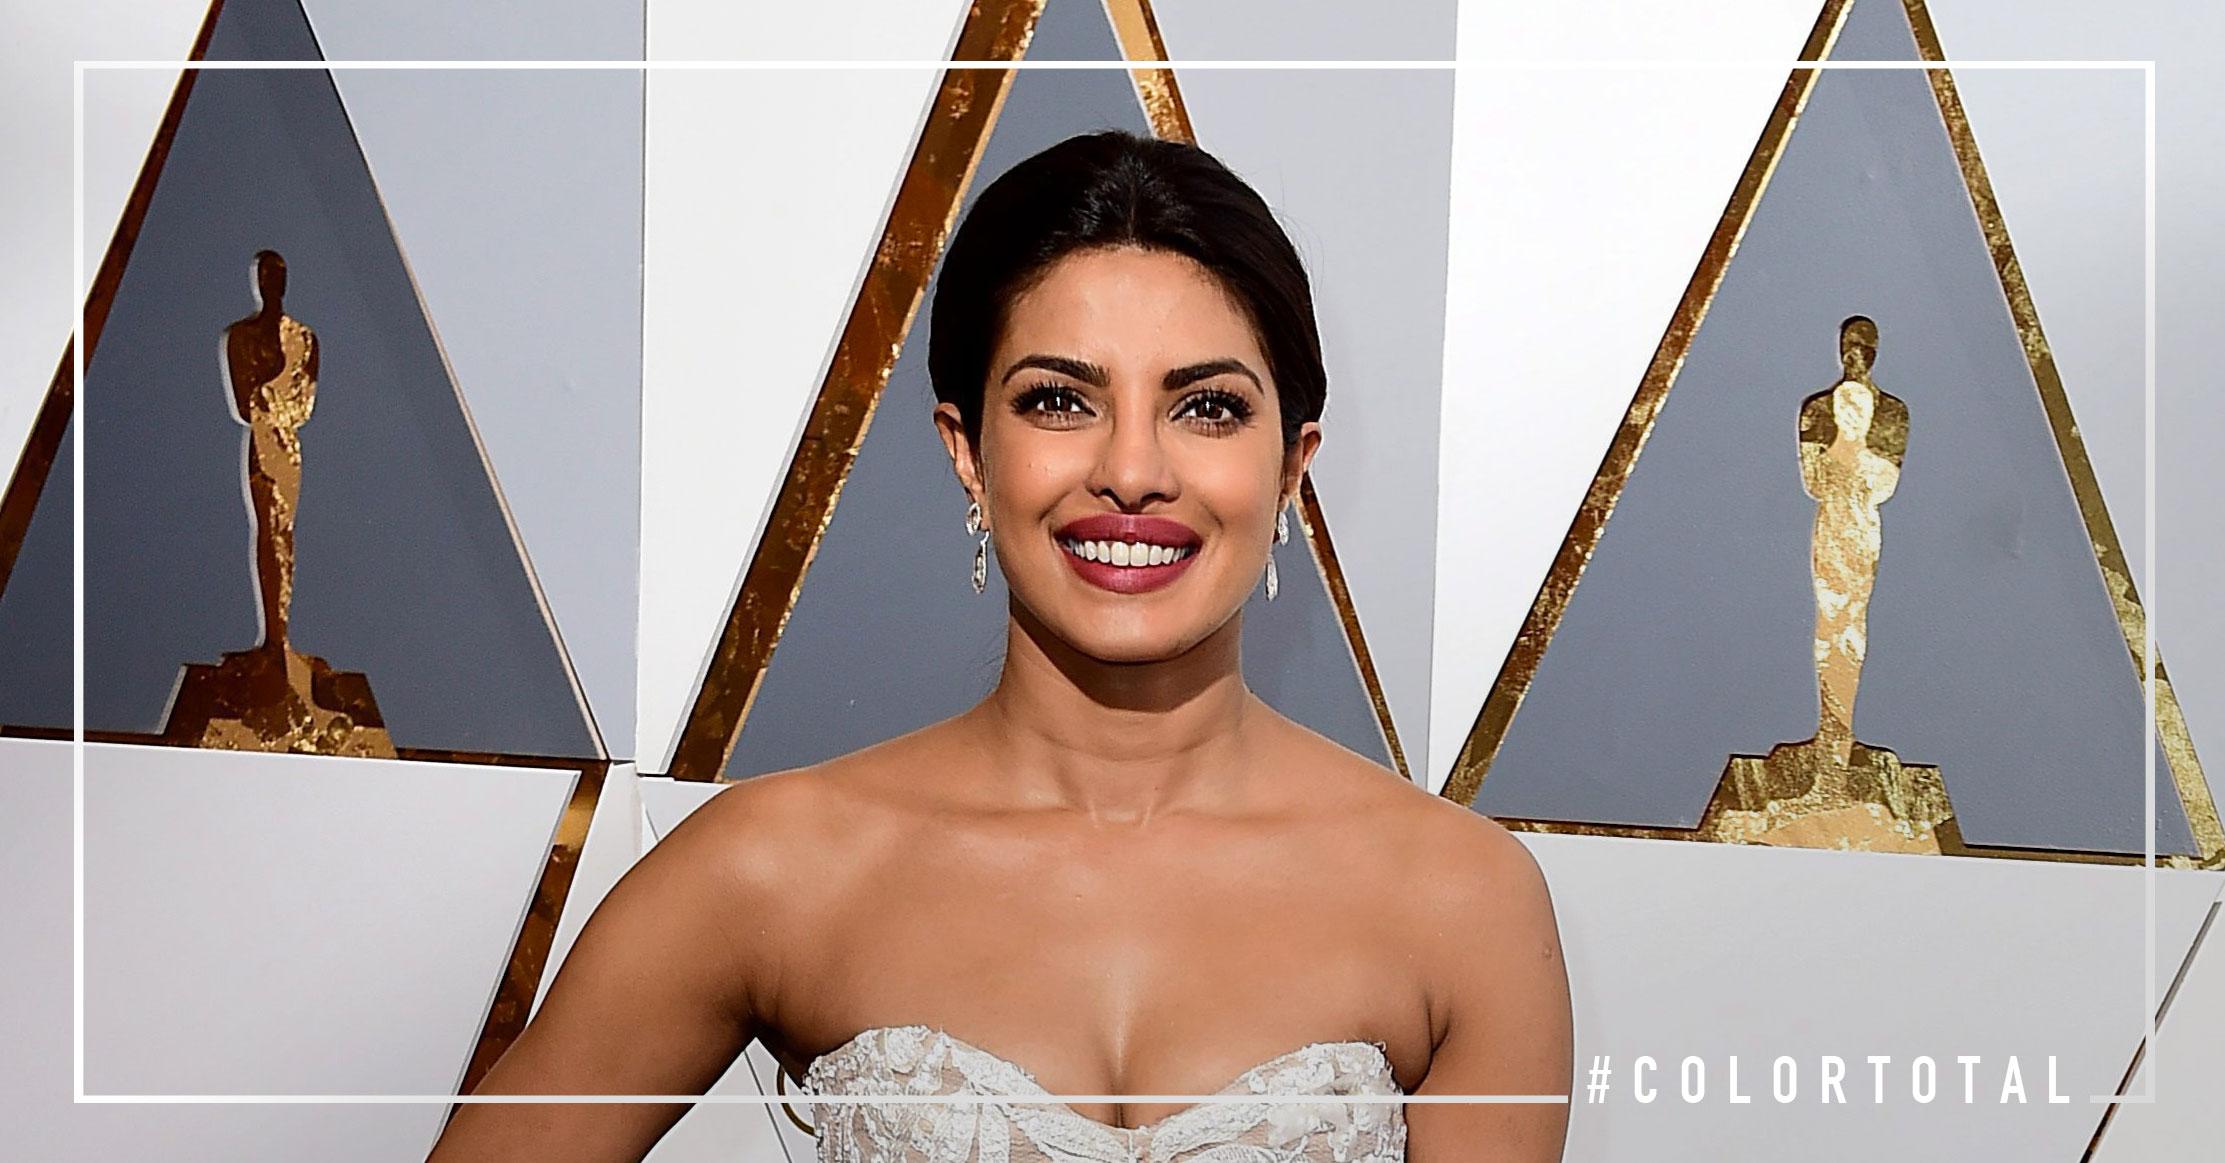 La estrella que cada vez brilla más : Priyanka Chopra